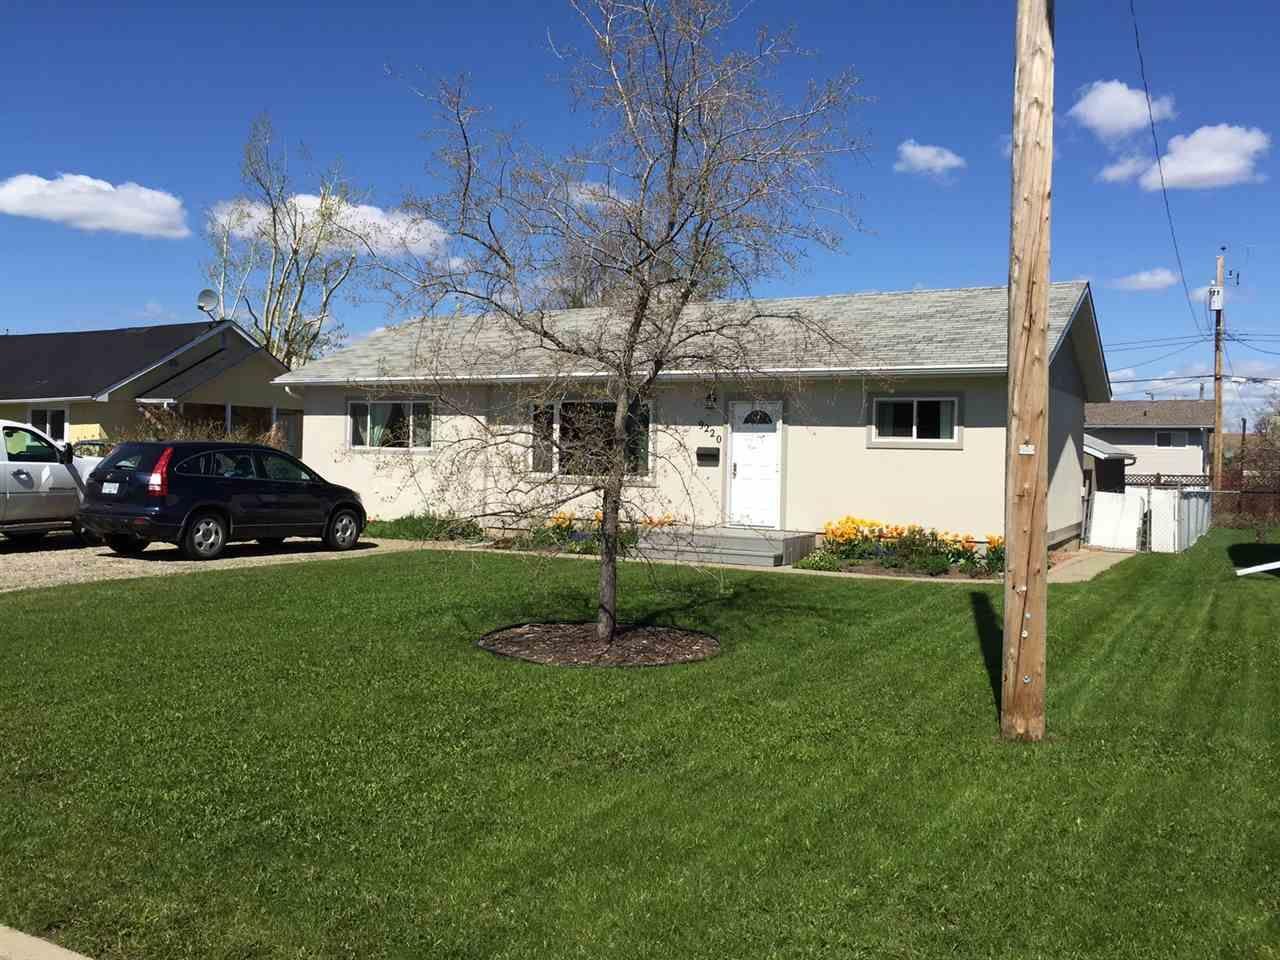 Main Photo: 9220 104 Avenue in Fort St. John: Fort St. John - City NE House for sale (Fort St. John (Zone 60))  : MLS®# R2168516